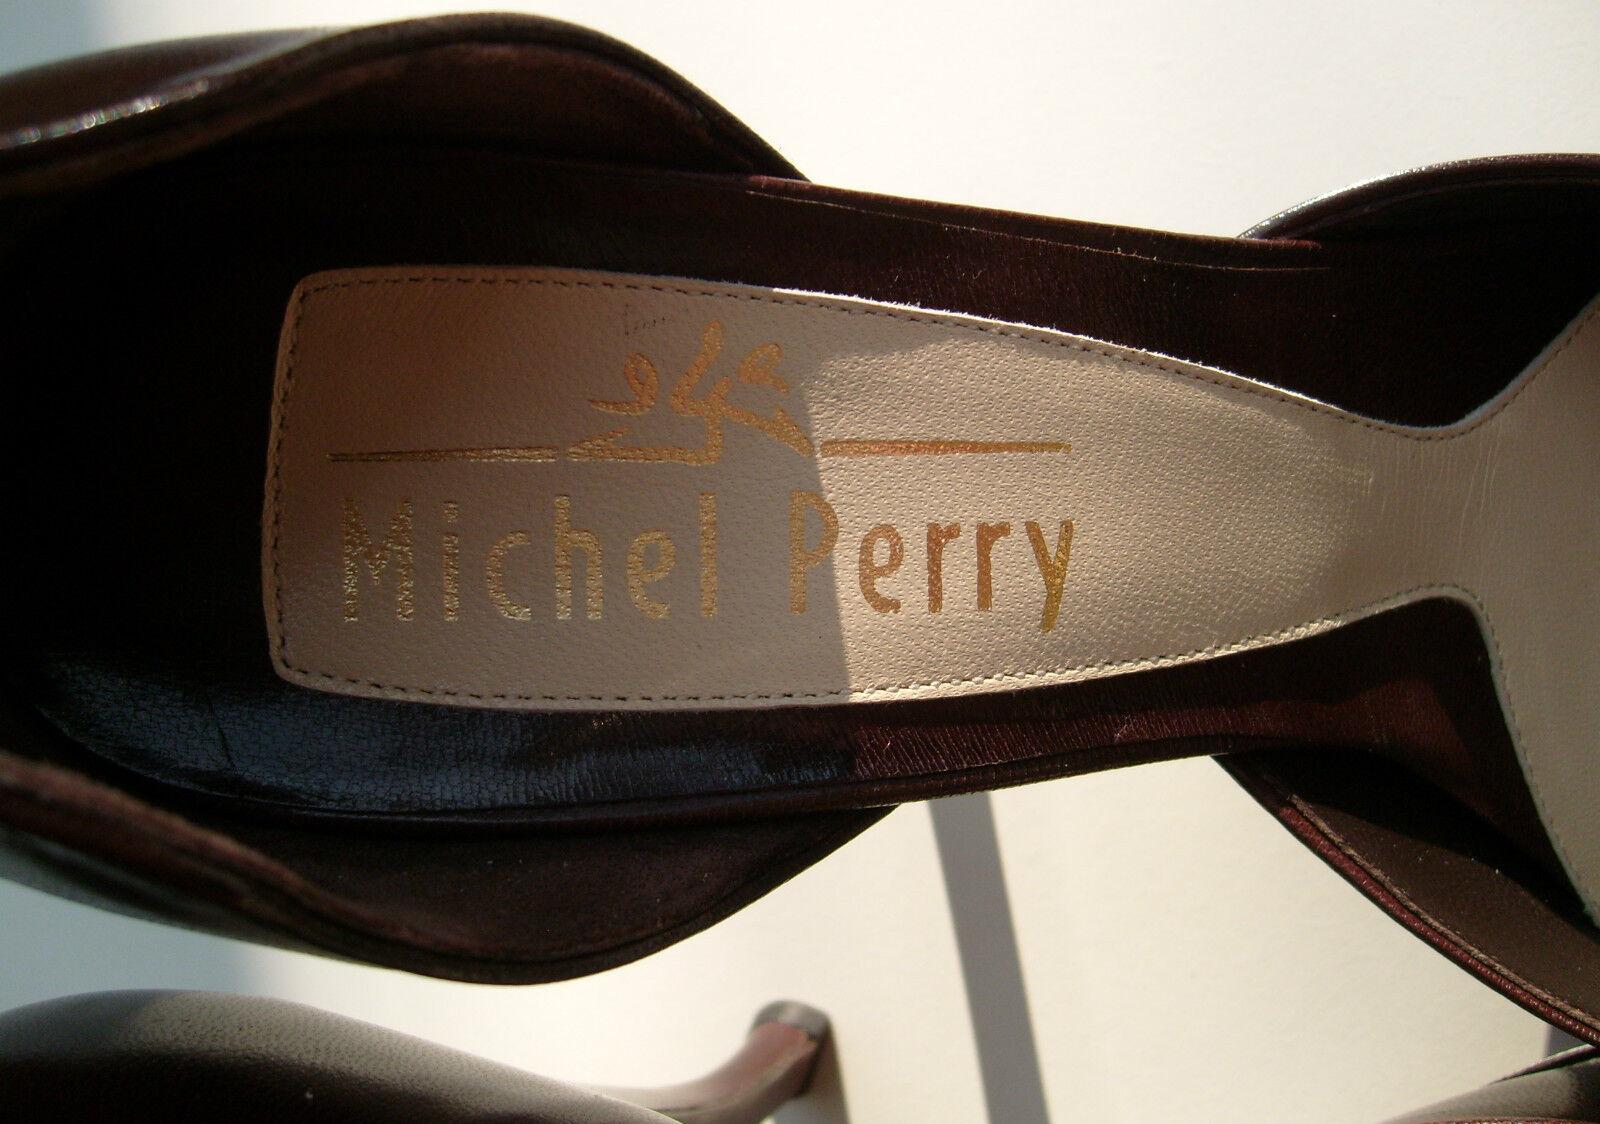 Original Michel Perry  Echt Leder DAMEN Pump Art i d Gr 40.5 e v t l 41 Ung